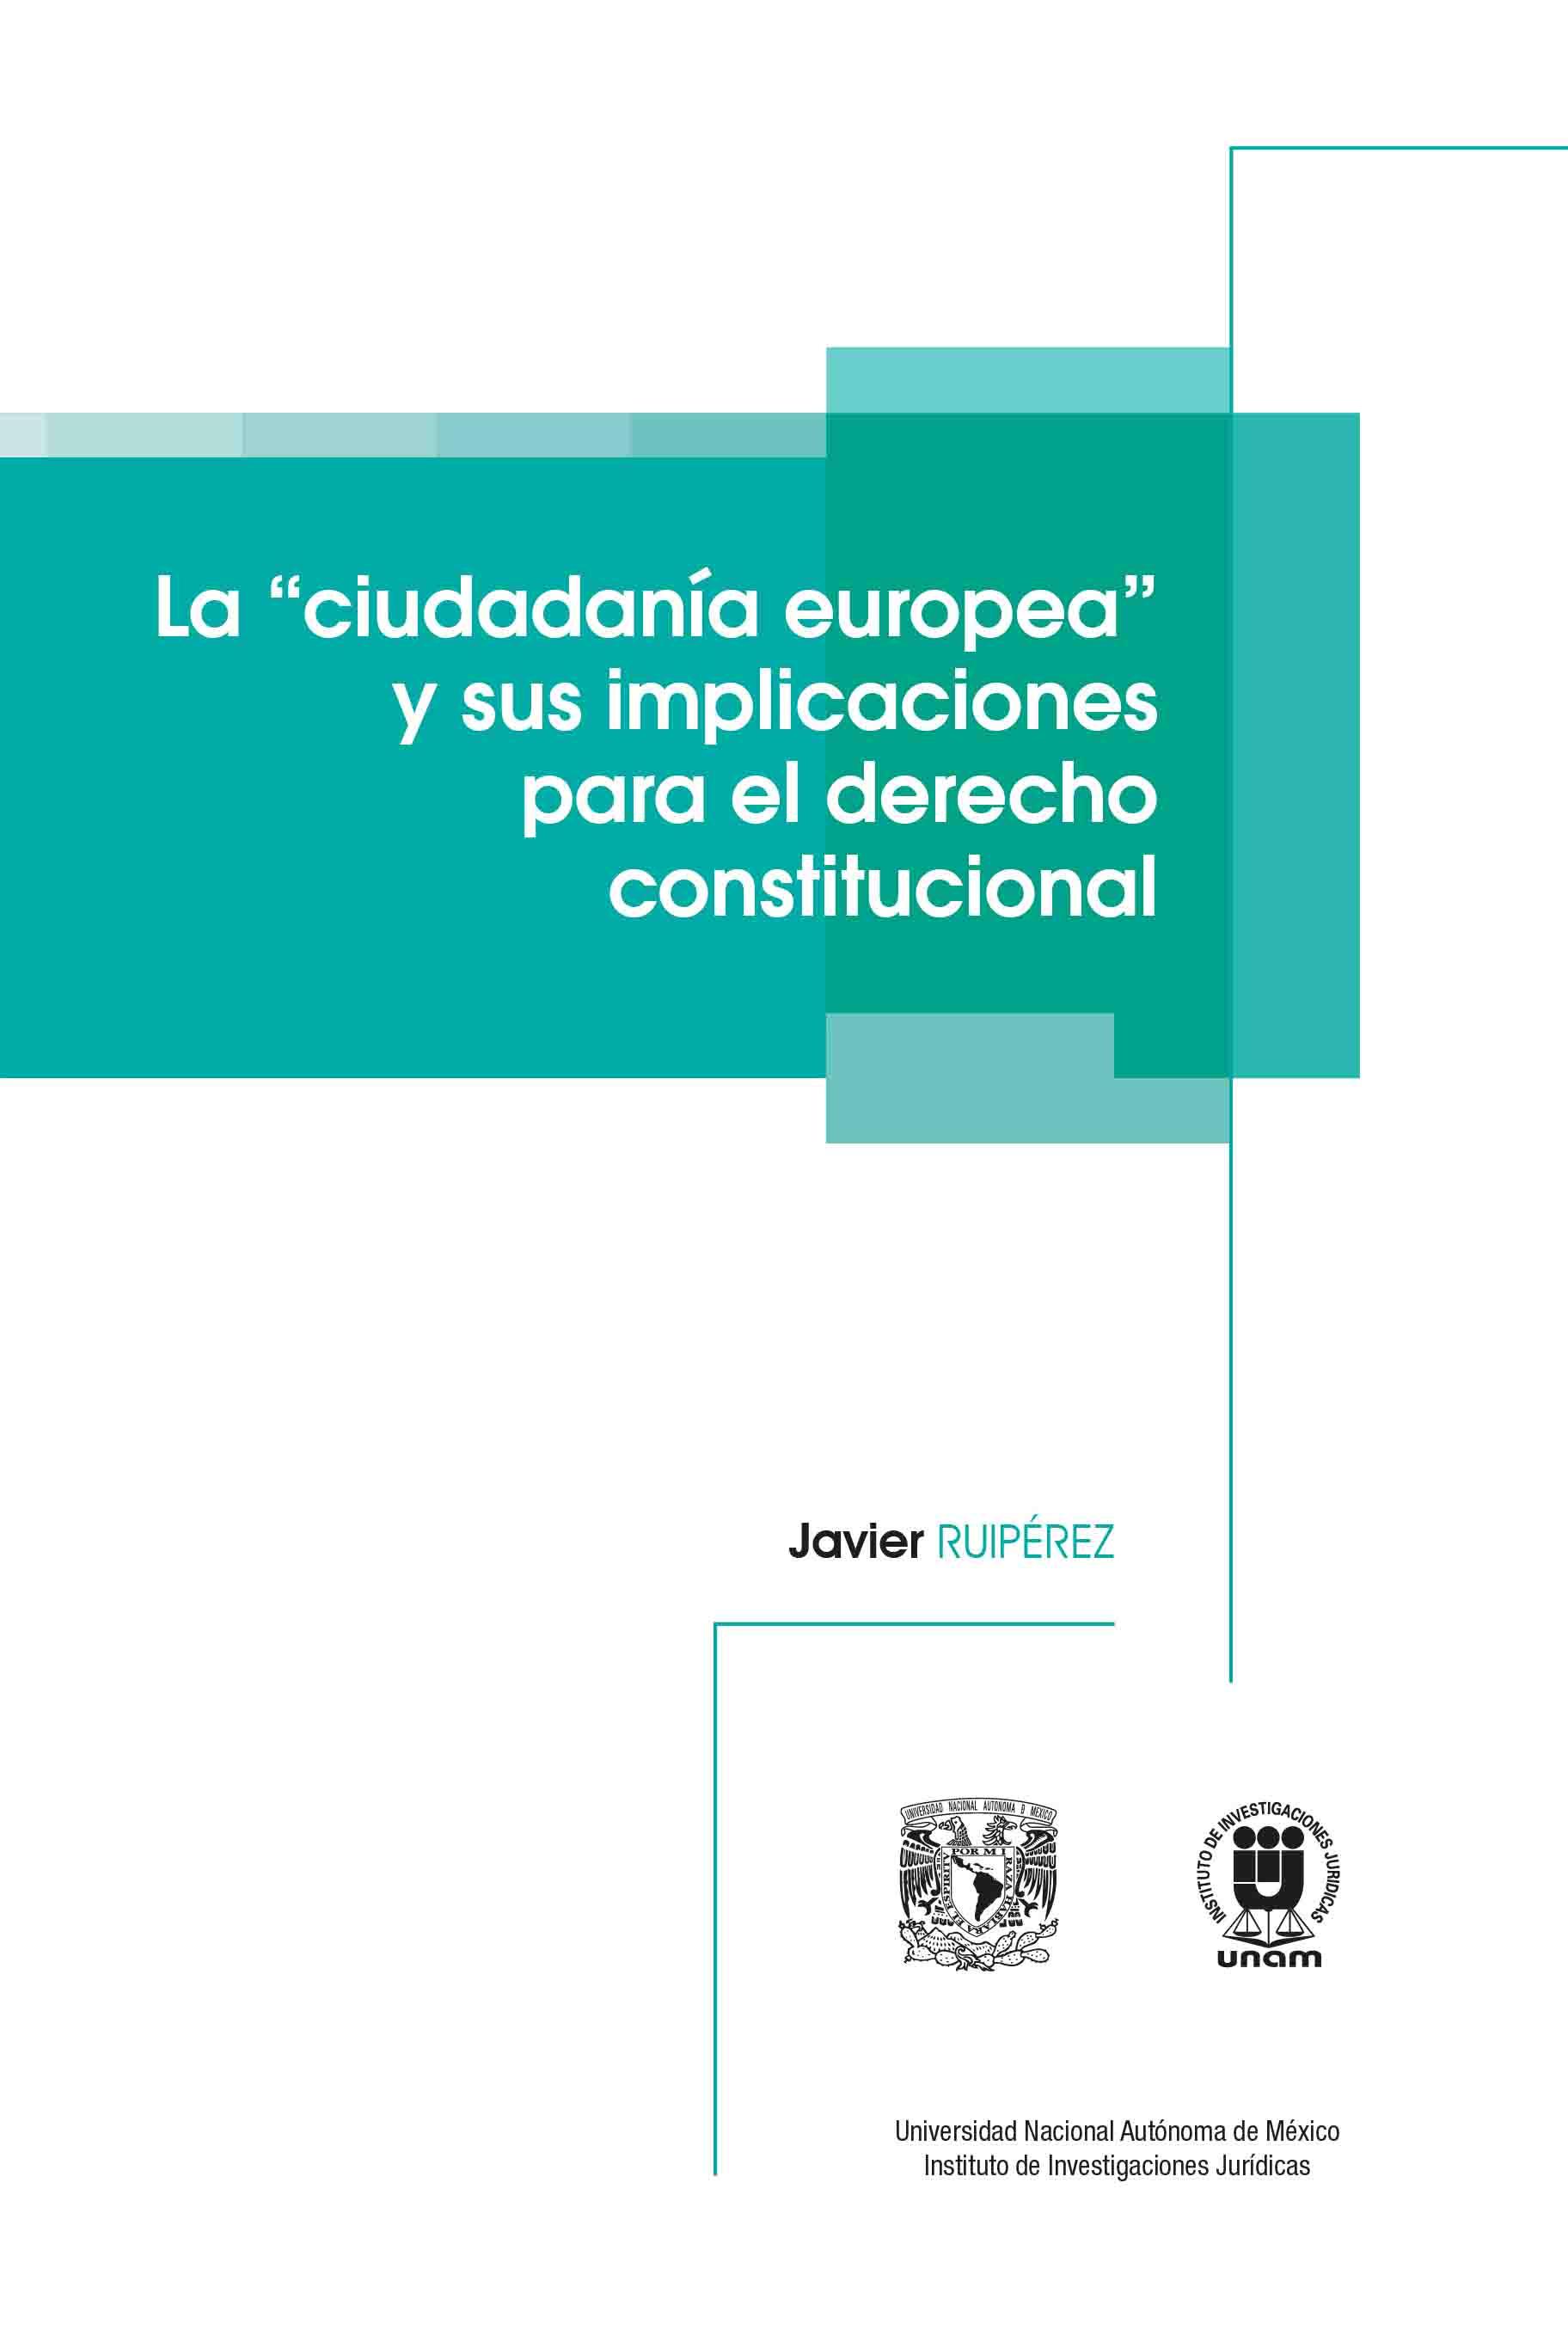 """La """"ciudadanía europea"""" y sus implicaciones para el derecho constitucional (un estudio de teoría del Estado y de la Constitución sobre la moderna Unión de Estados de Derecho Internacional europea)"""